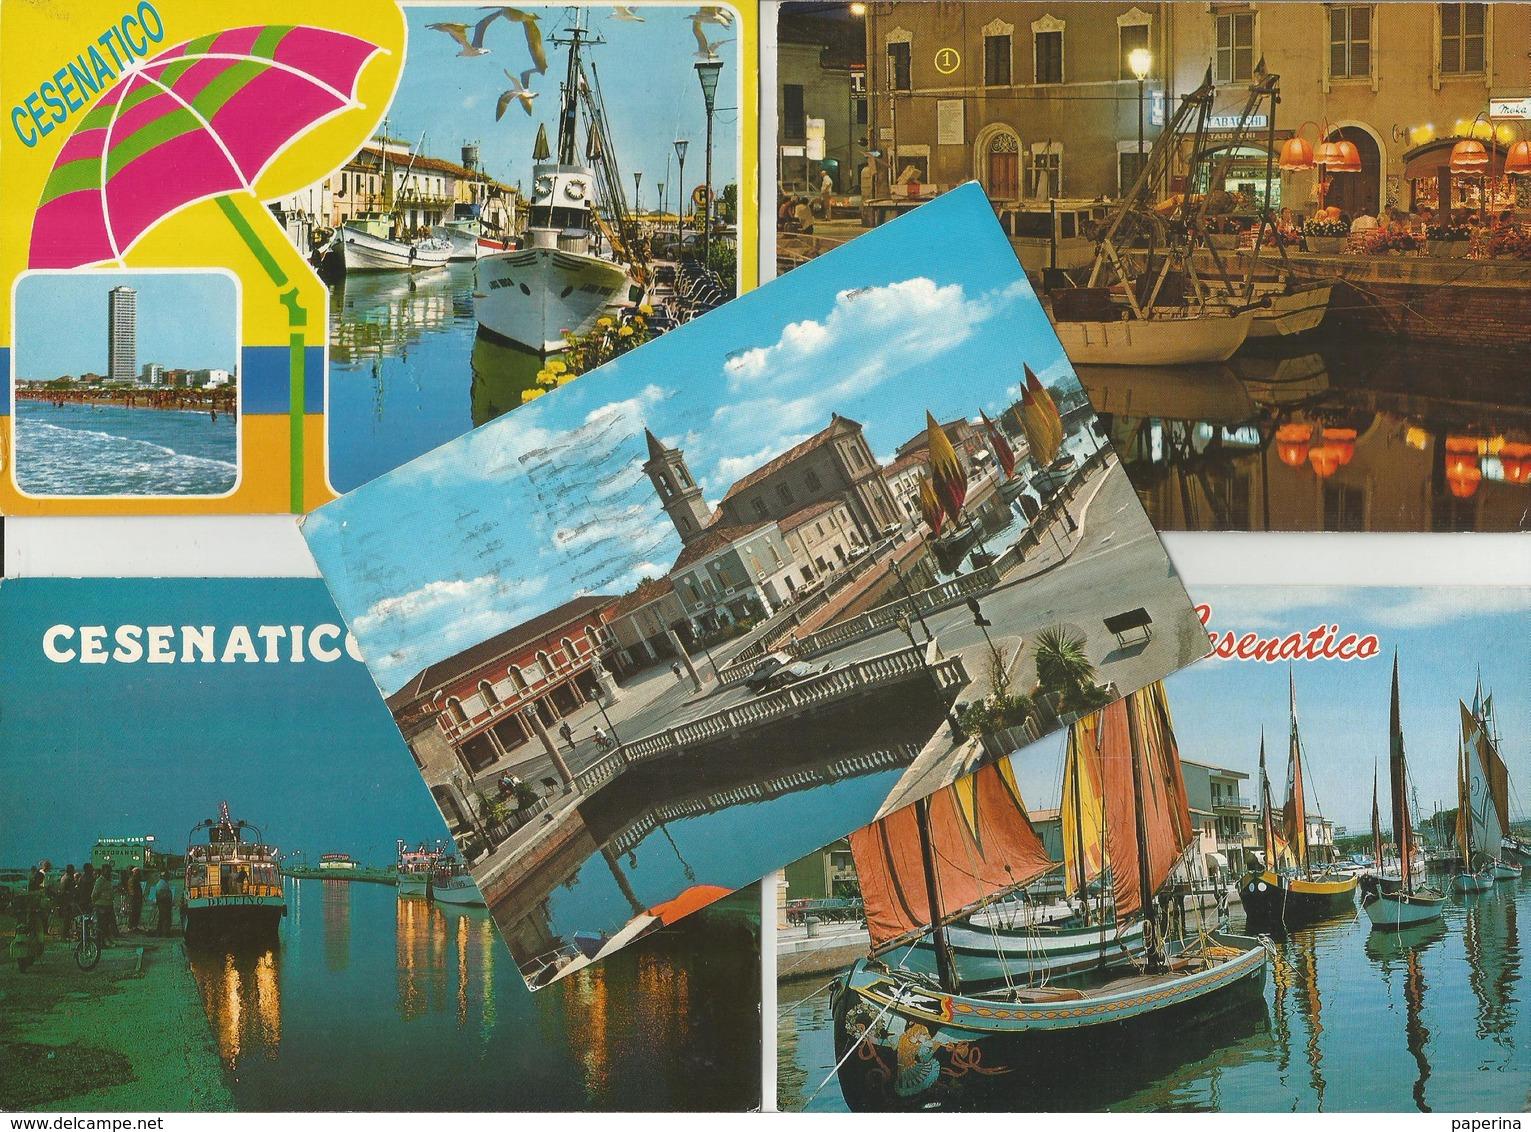 5 CARTOLINE CESENATICO  (717) - Cartoline